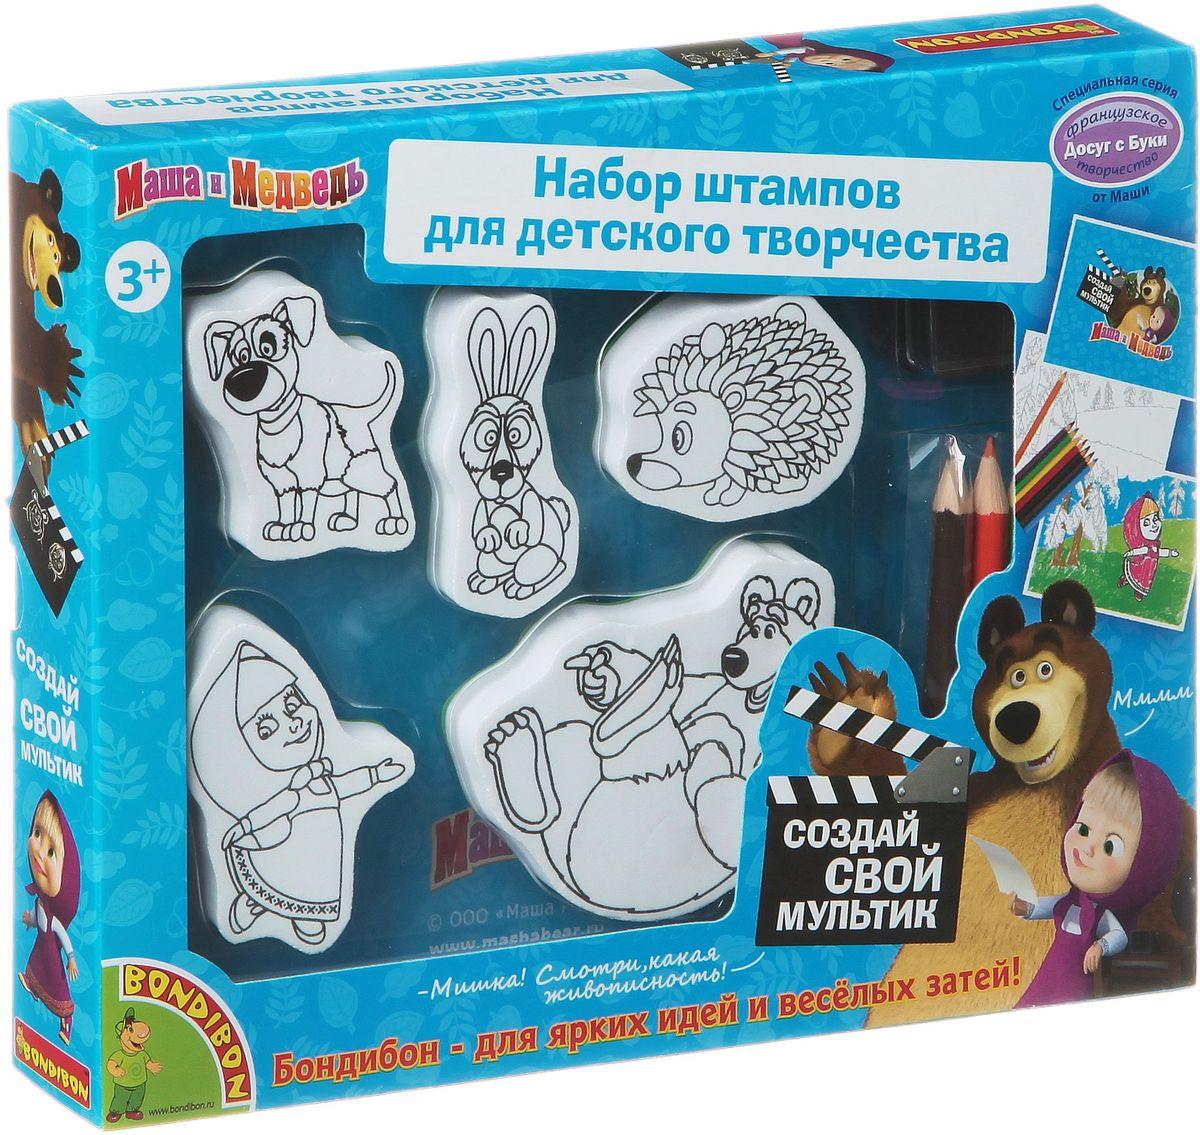 Маша и Медведь Трафареты, штампы Маша и Медведь со штампами, цвет: голубойВВ1328Дети очень любят мультфильмы! А представьте восторг ребенка, если он сможет создать и оформить историю с участием героев любимого мультика! Именно для этого предназначен набор штампов «Маша и Медведь». В набор входят цветные карандаши, штемпельная подушечка, 5 штампов с изображениями героев мультфильма и блокнот-раскраска. С помощью штампов в блокноте дети смогут создать совершенно новую историю приключений веселой Маши и доброго Медведя! Печати-штампы позволят добиться качественного изображения героев, после чего их можно раскрасить цветными карандашами. Дай волю своему творческому началу и создай собственный мультик!